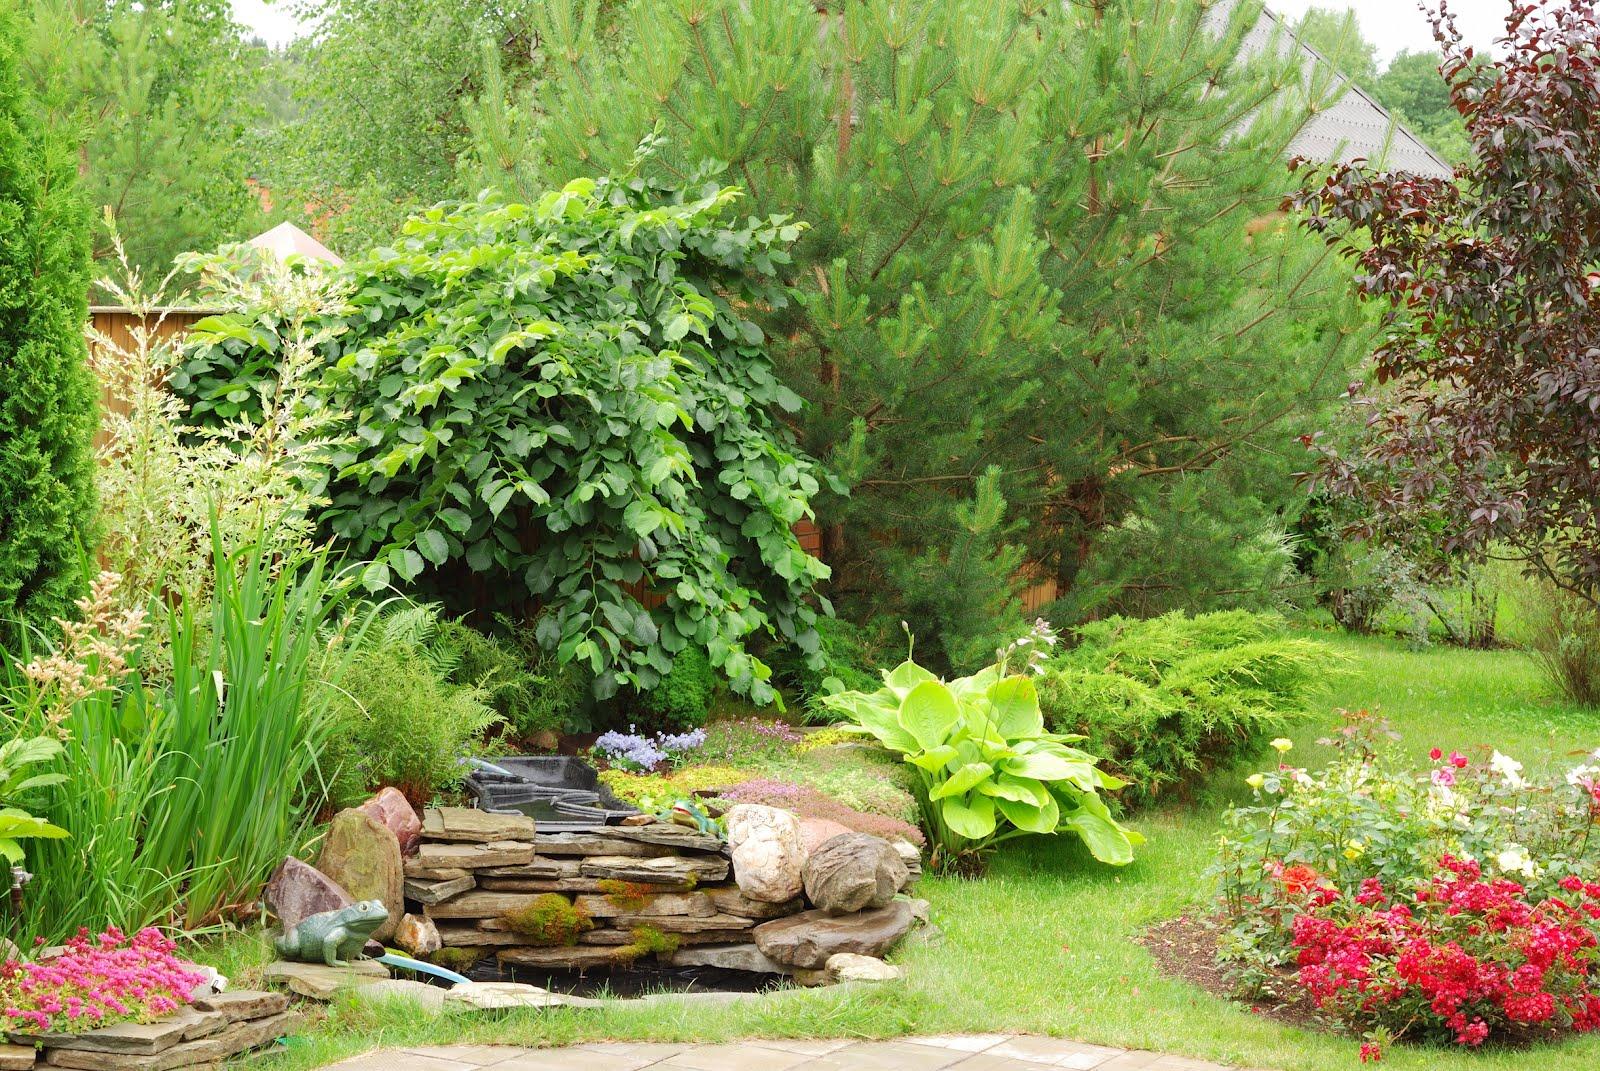 Fotos de jardines hermosos imagui for Plantas pequenas para jardin